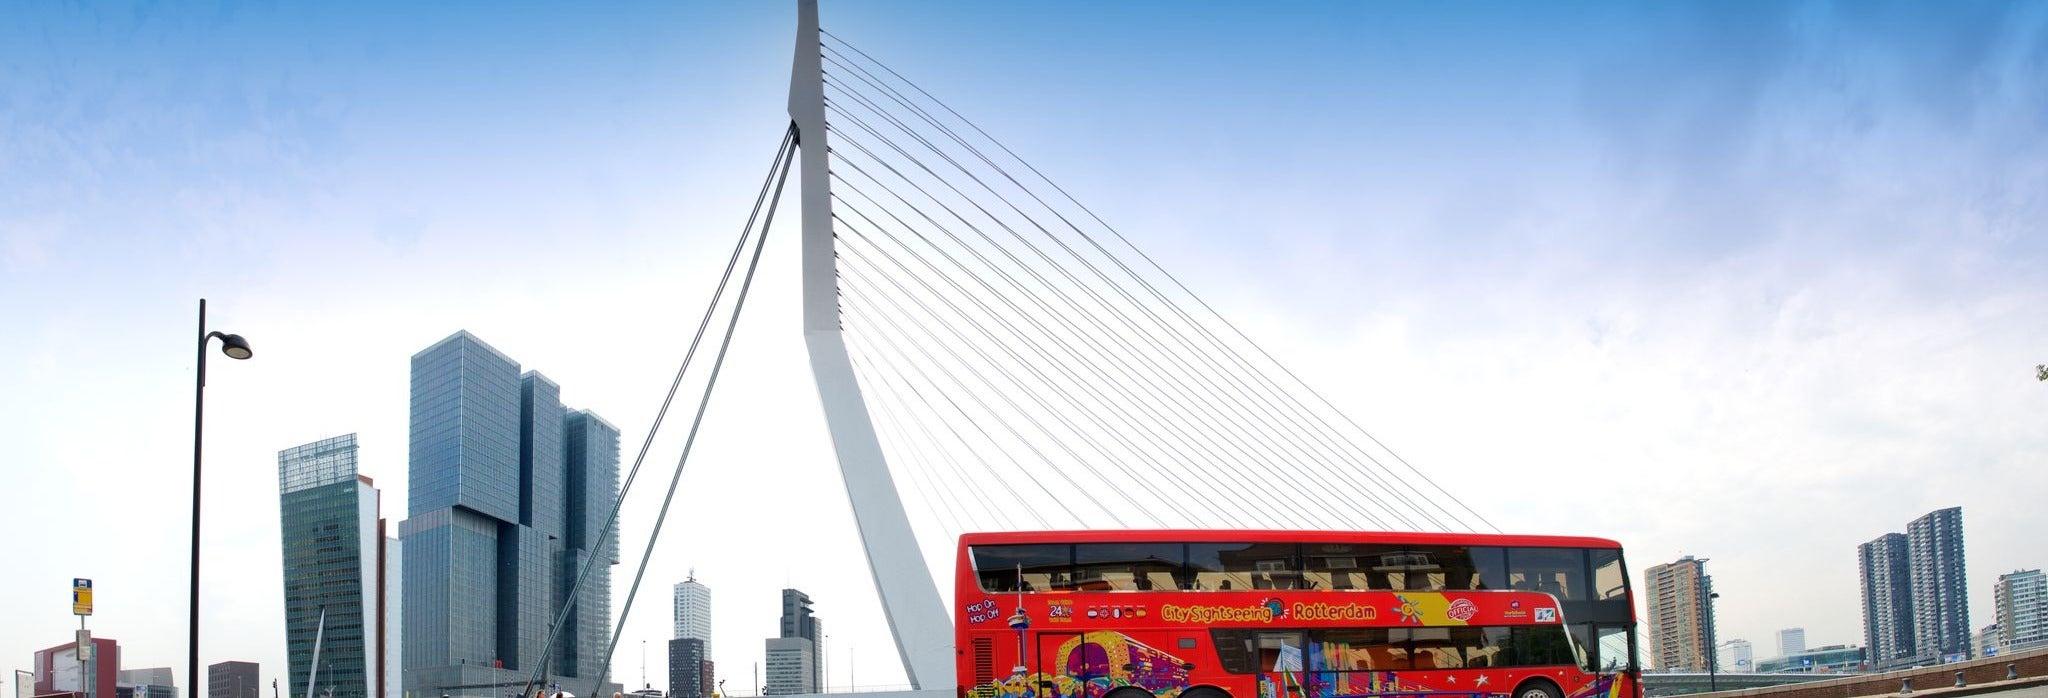 Autobus turistico di Rotterdam